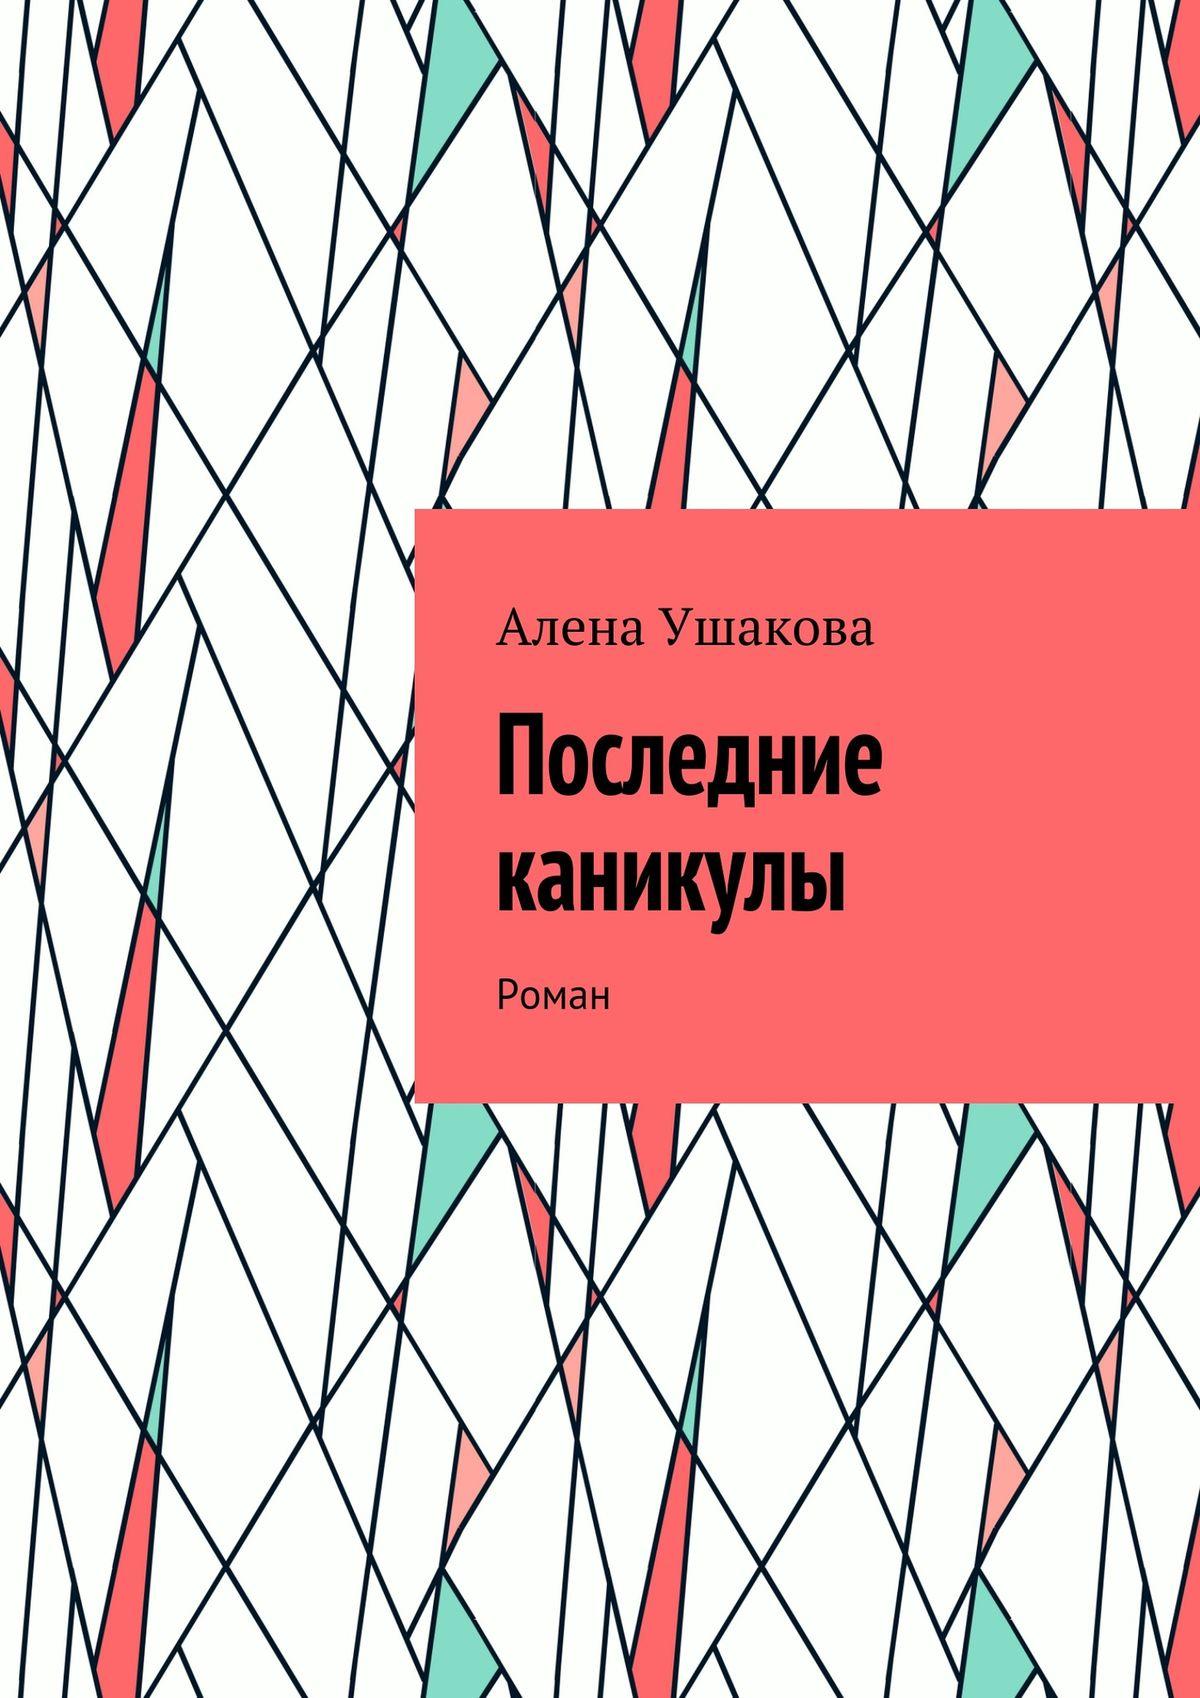 Алена Ушакова Последние каникулы. Роман цены